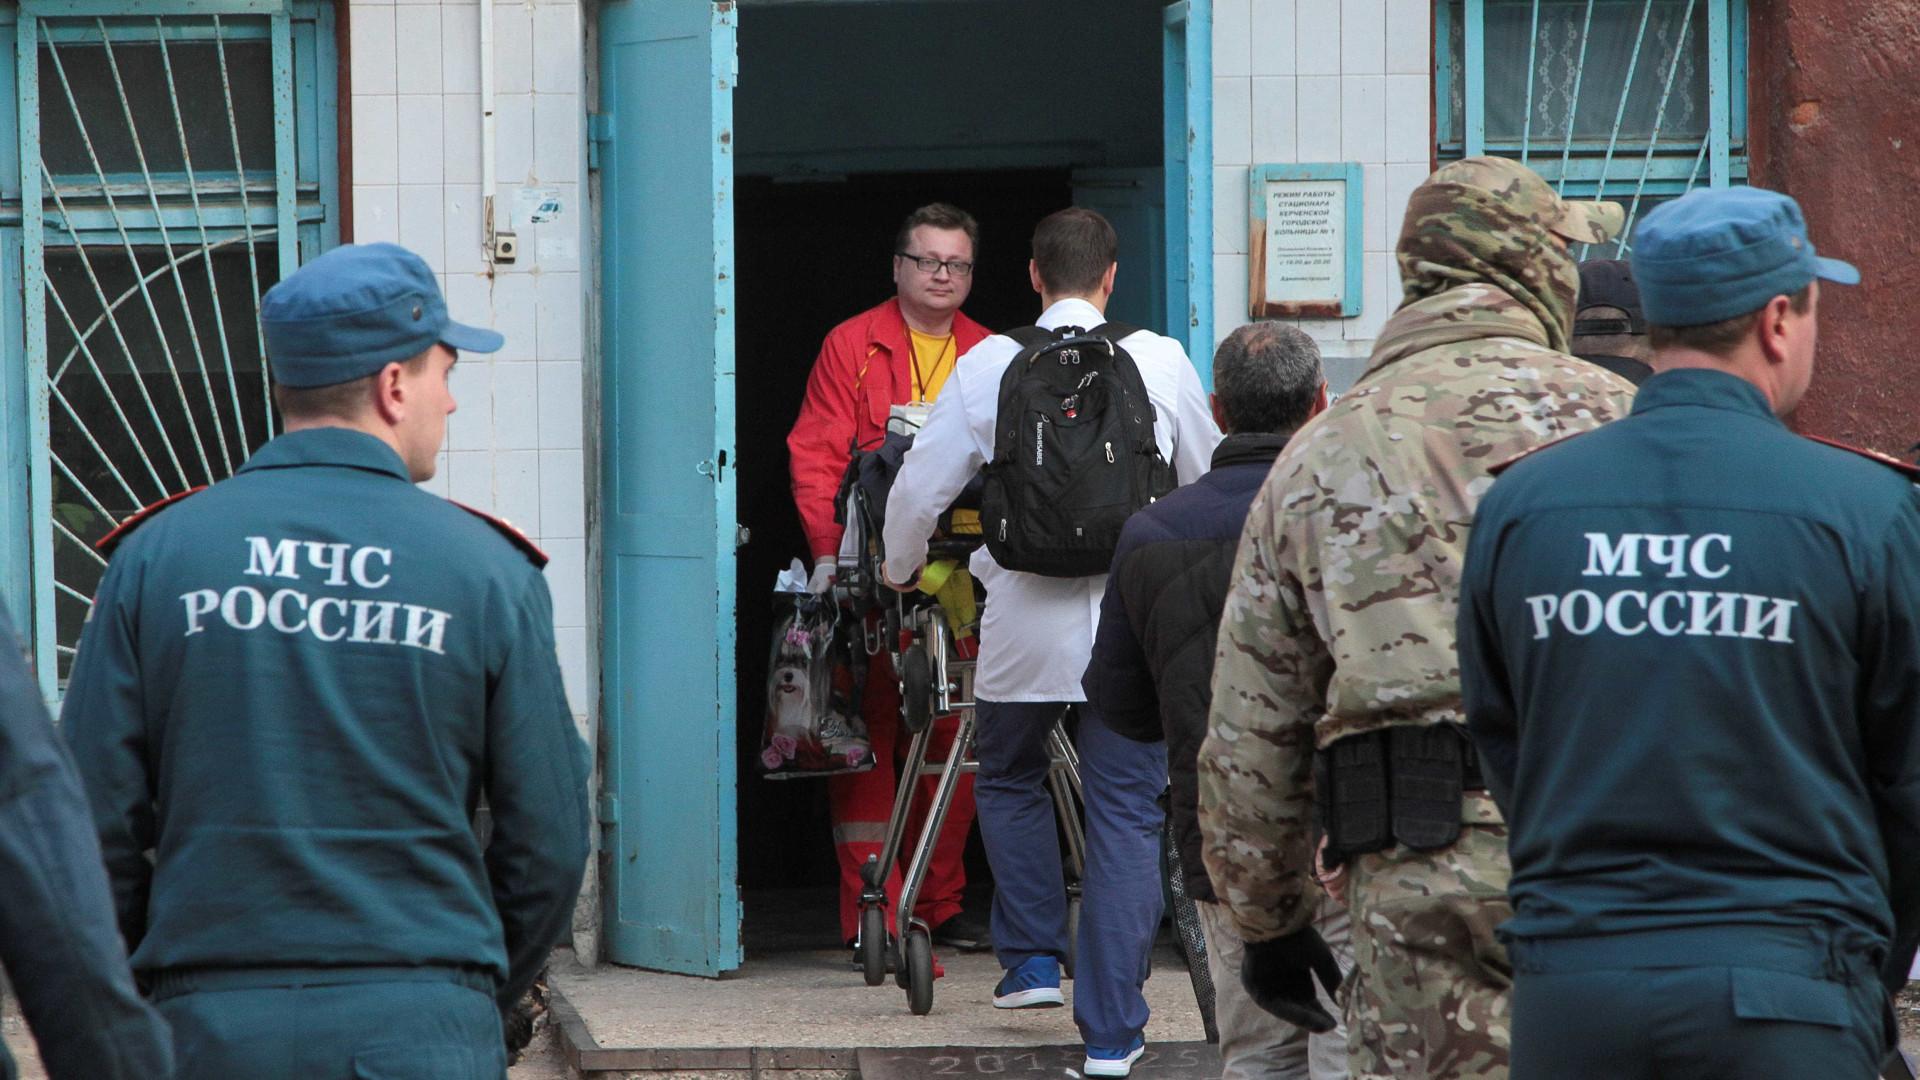 Atirador de escola na Crimeia queria se vingar, diz ex-namorada